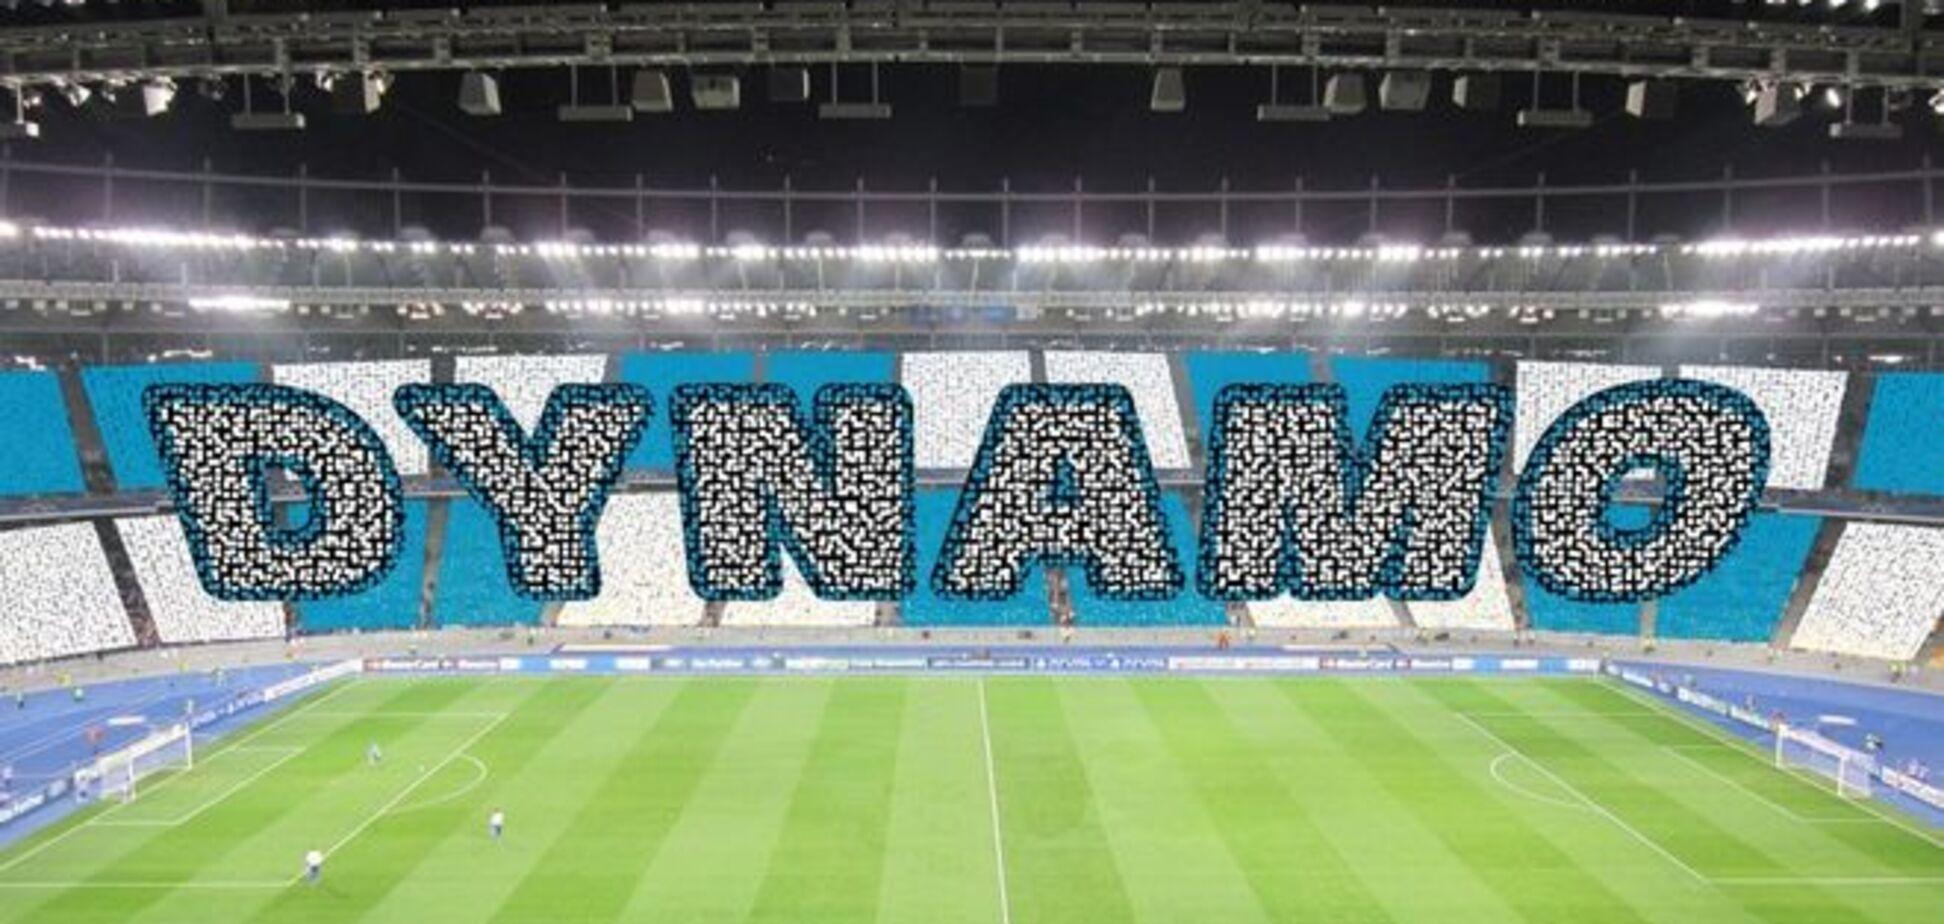 'Динамо' готує сюрприз на матч з 'Фіорентиною' в 1/4 фіналу Ліги Європи